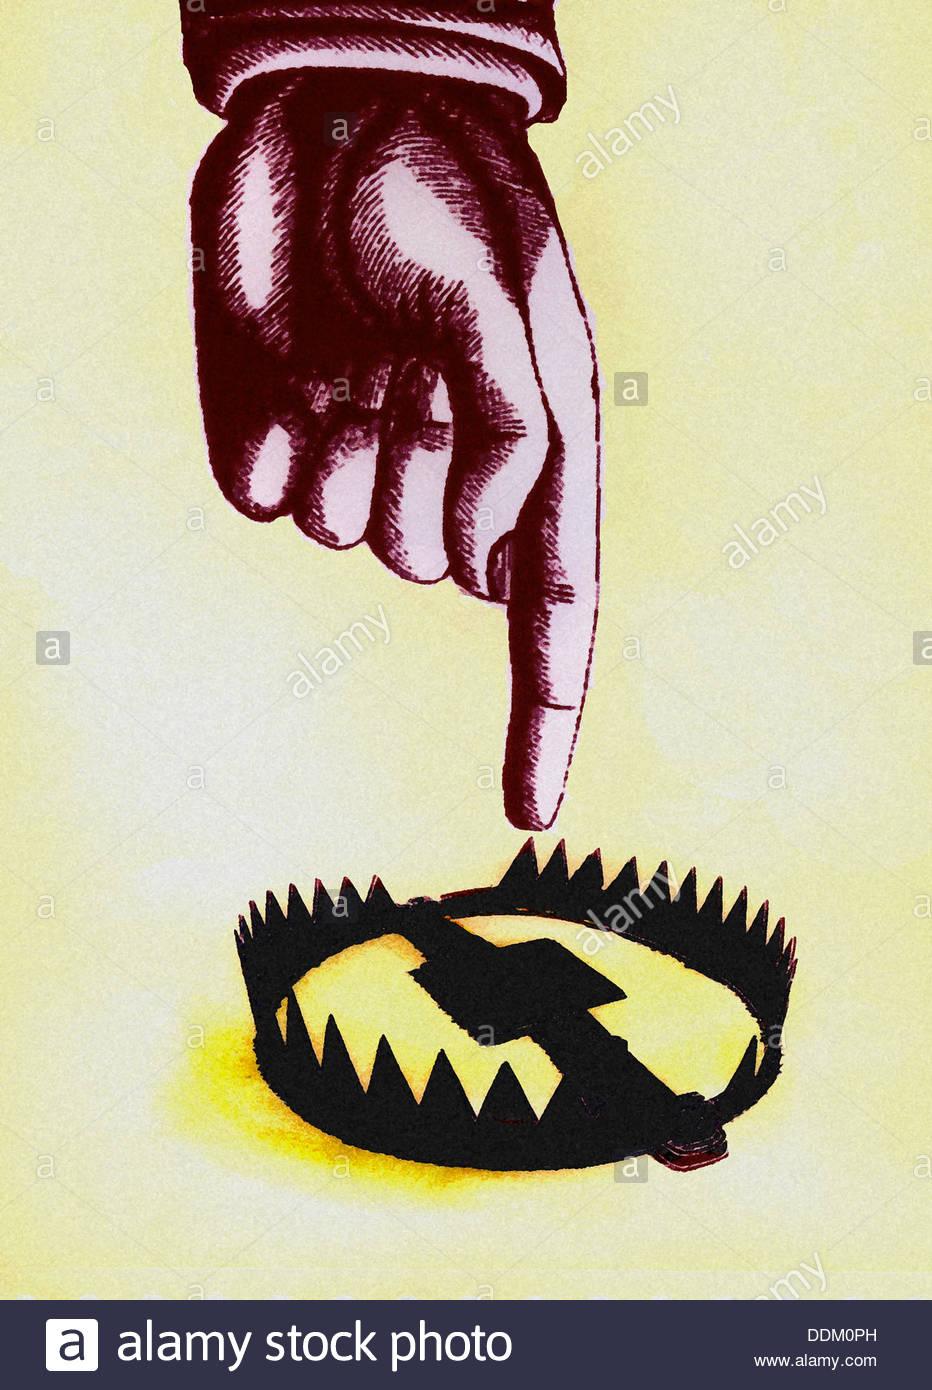 Señalar con el dedo hacia la trampa abierta Imagen De Stock